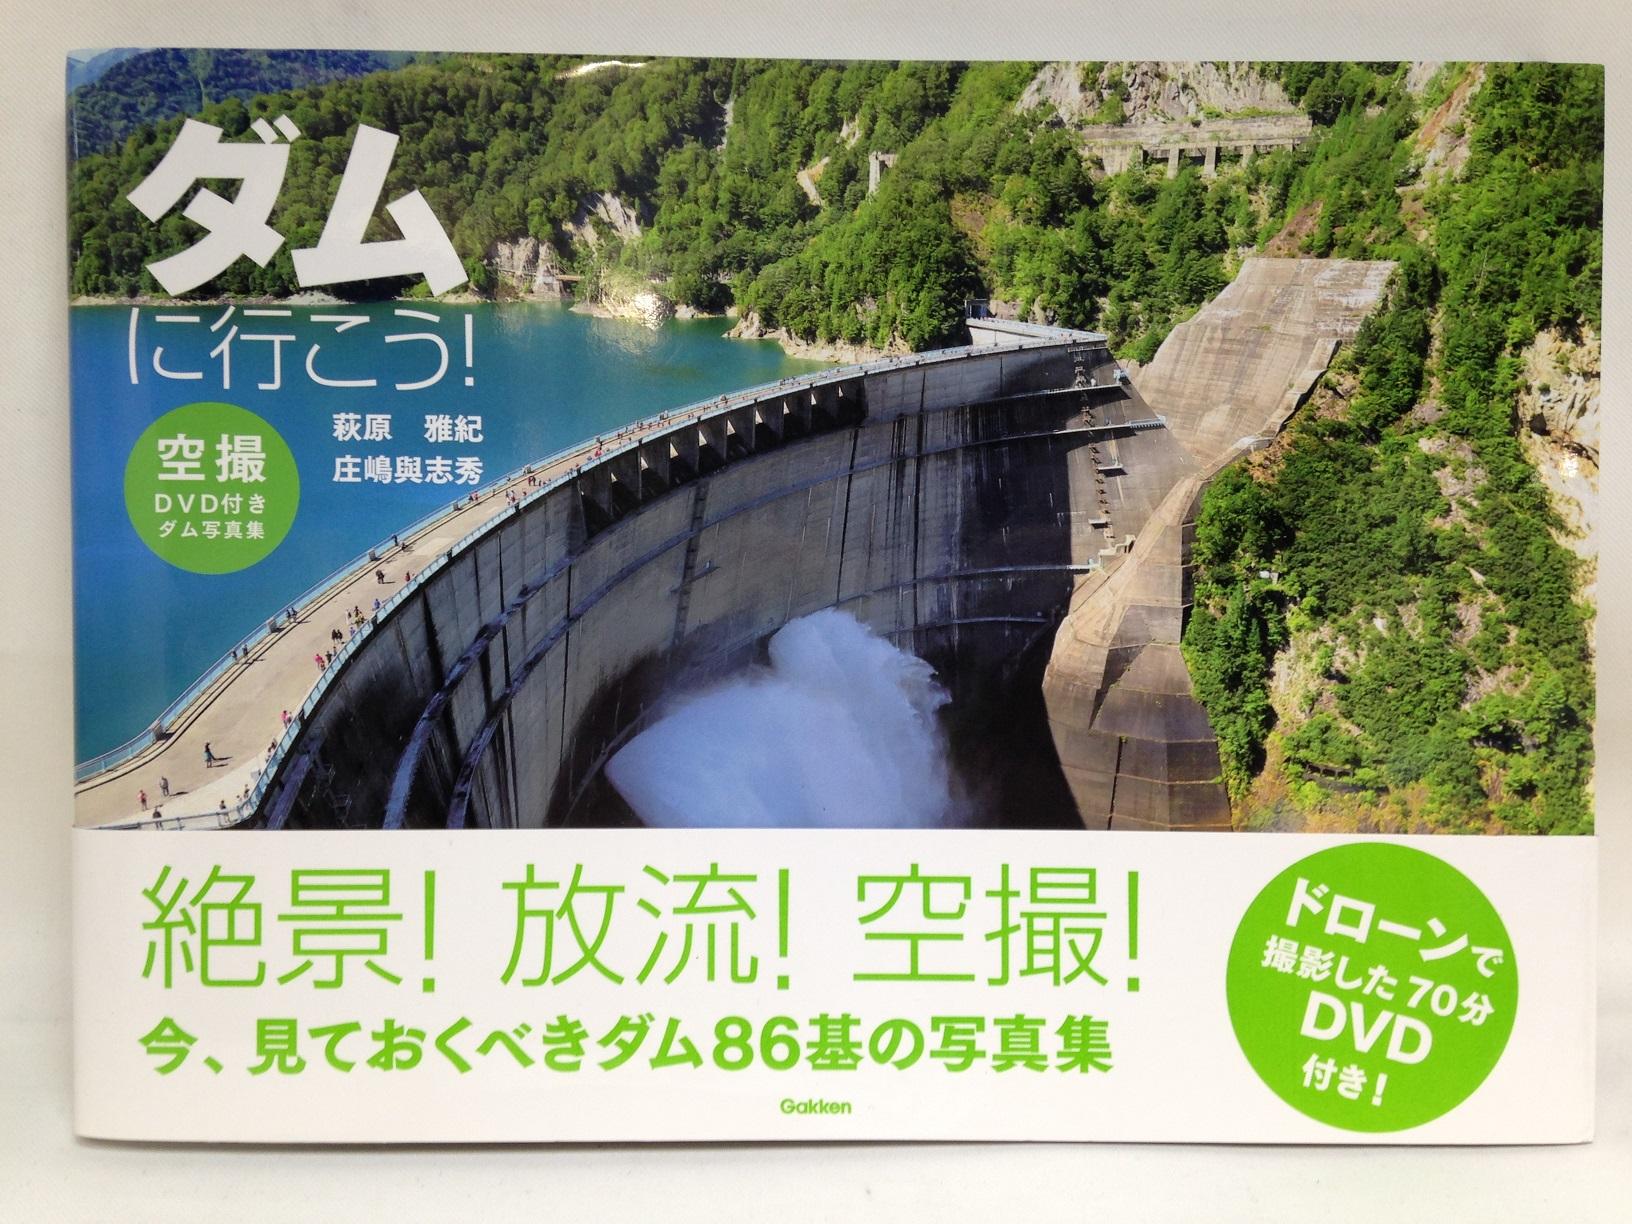 【特価本】ダムに行こう! 空撮DVD付きダム写真集画像